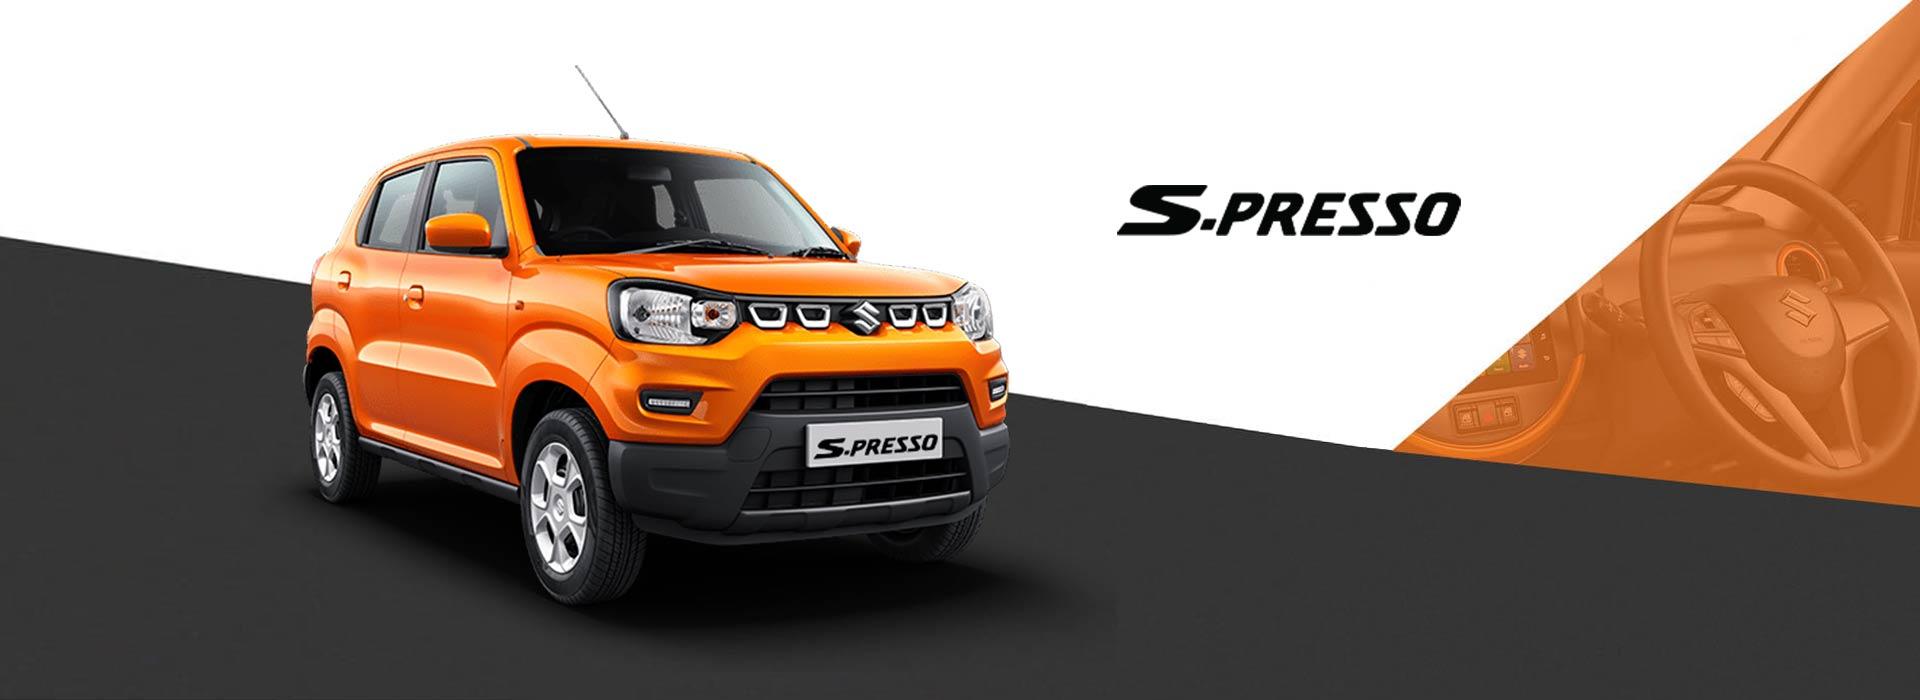 Bagga Link Motors Ltd: Authorized new car dealership serving and servicing  in New Delhi, Delhi